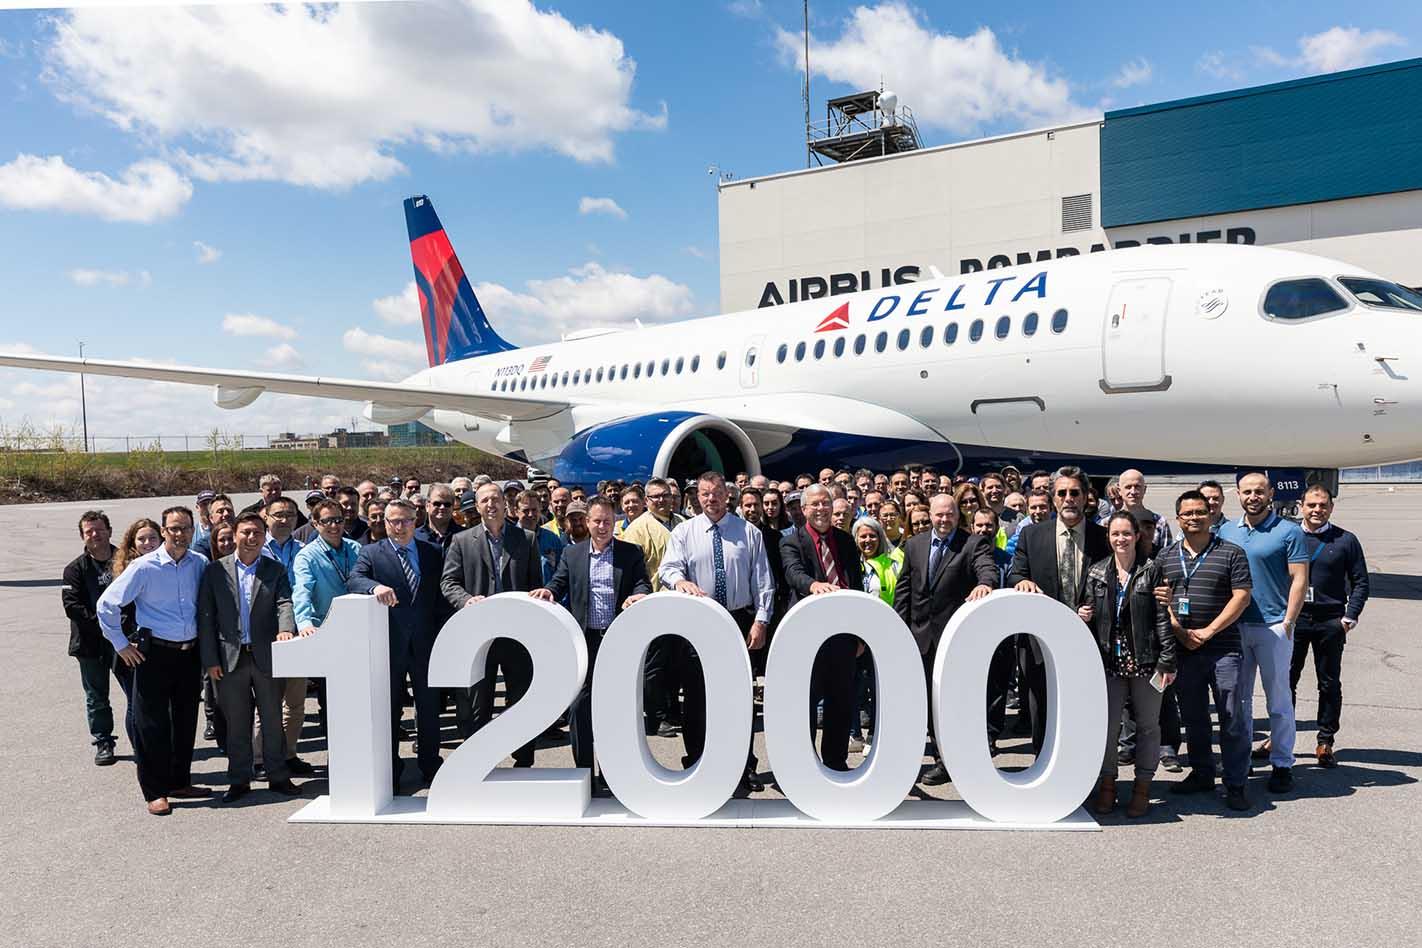 Airbus entregou sua 12.000ª aeronave   É MAIS QUE VOAR